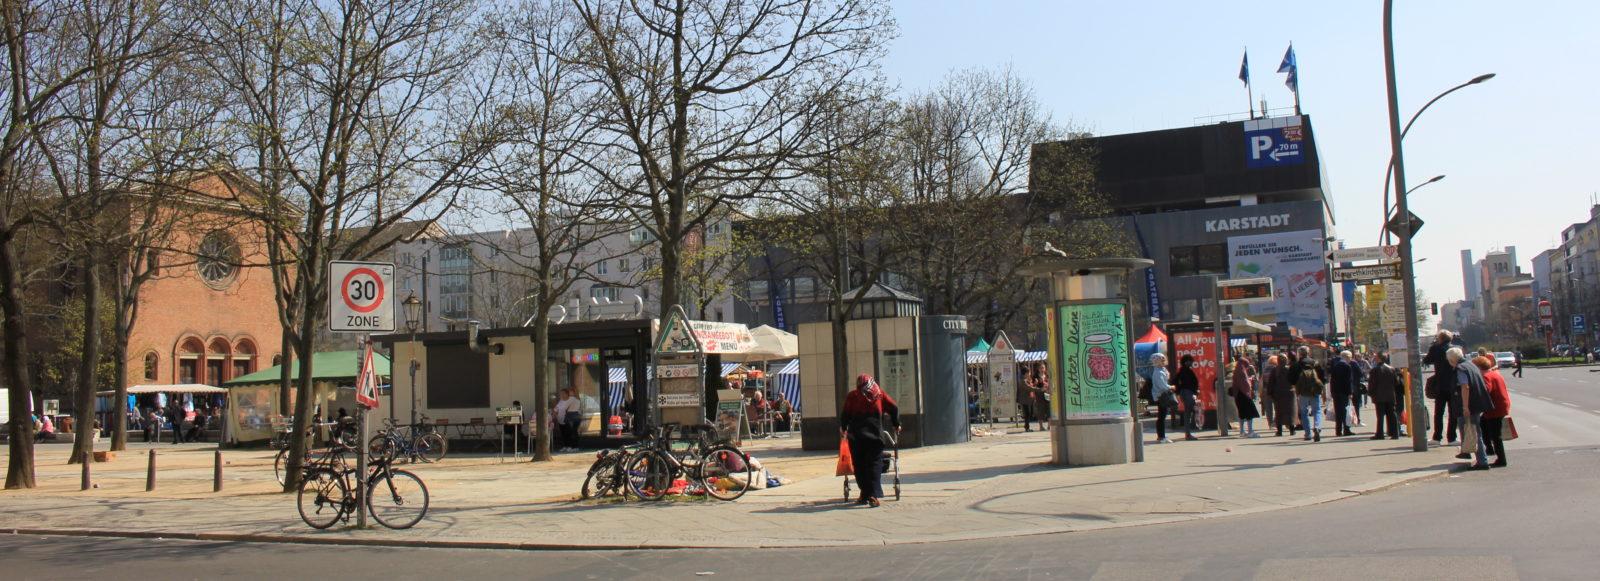 Im bunten Treiben rund um den Leopoldplatz werden die Schlafplätze der Obdachlosen oft übersehen, Foto von Susanne Haun